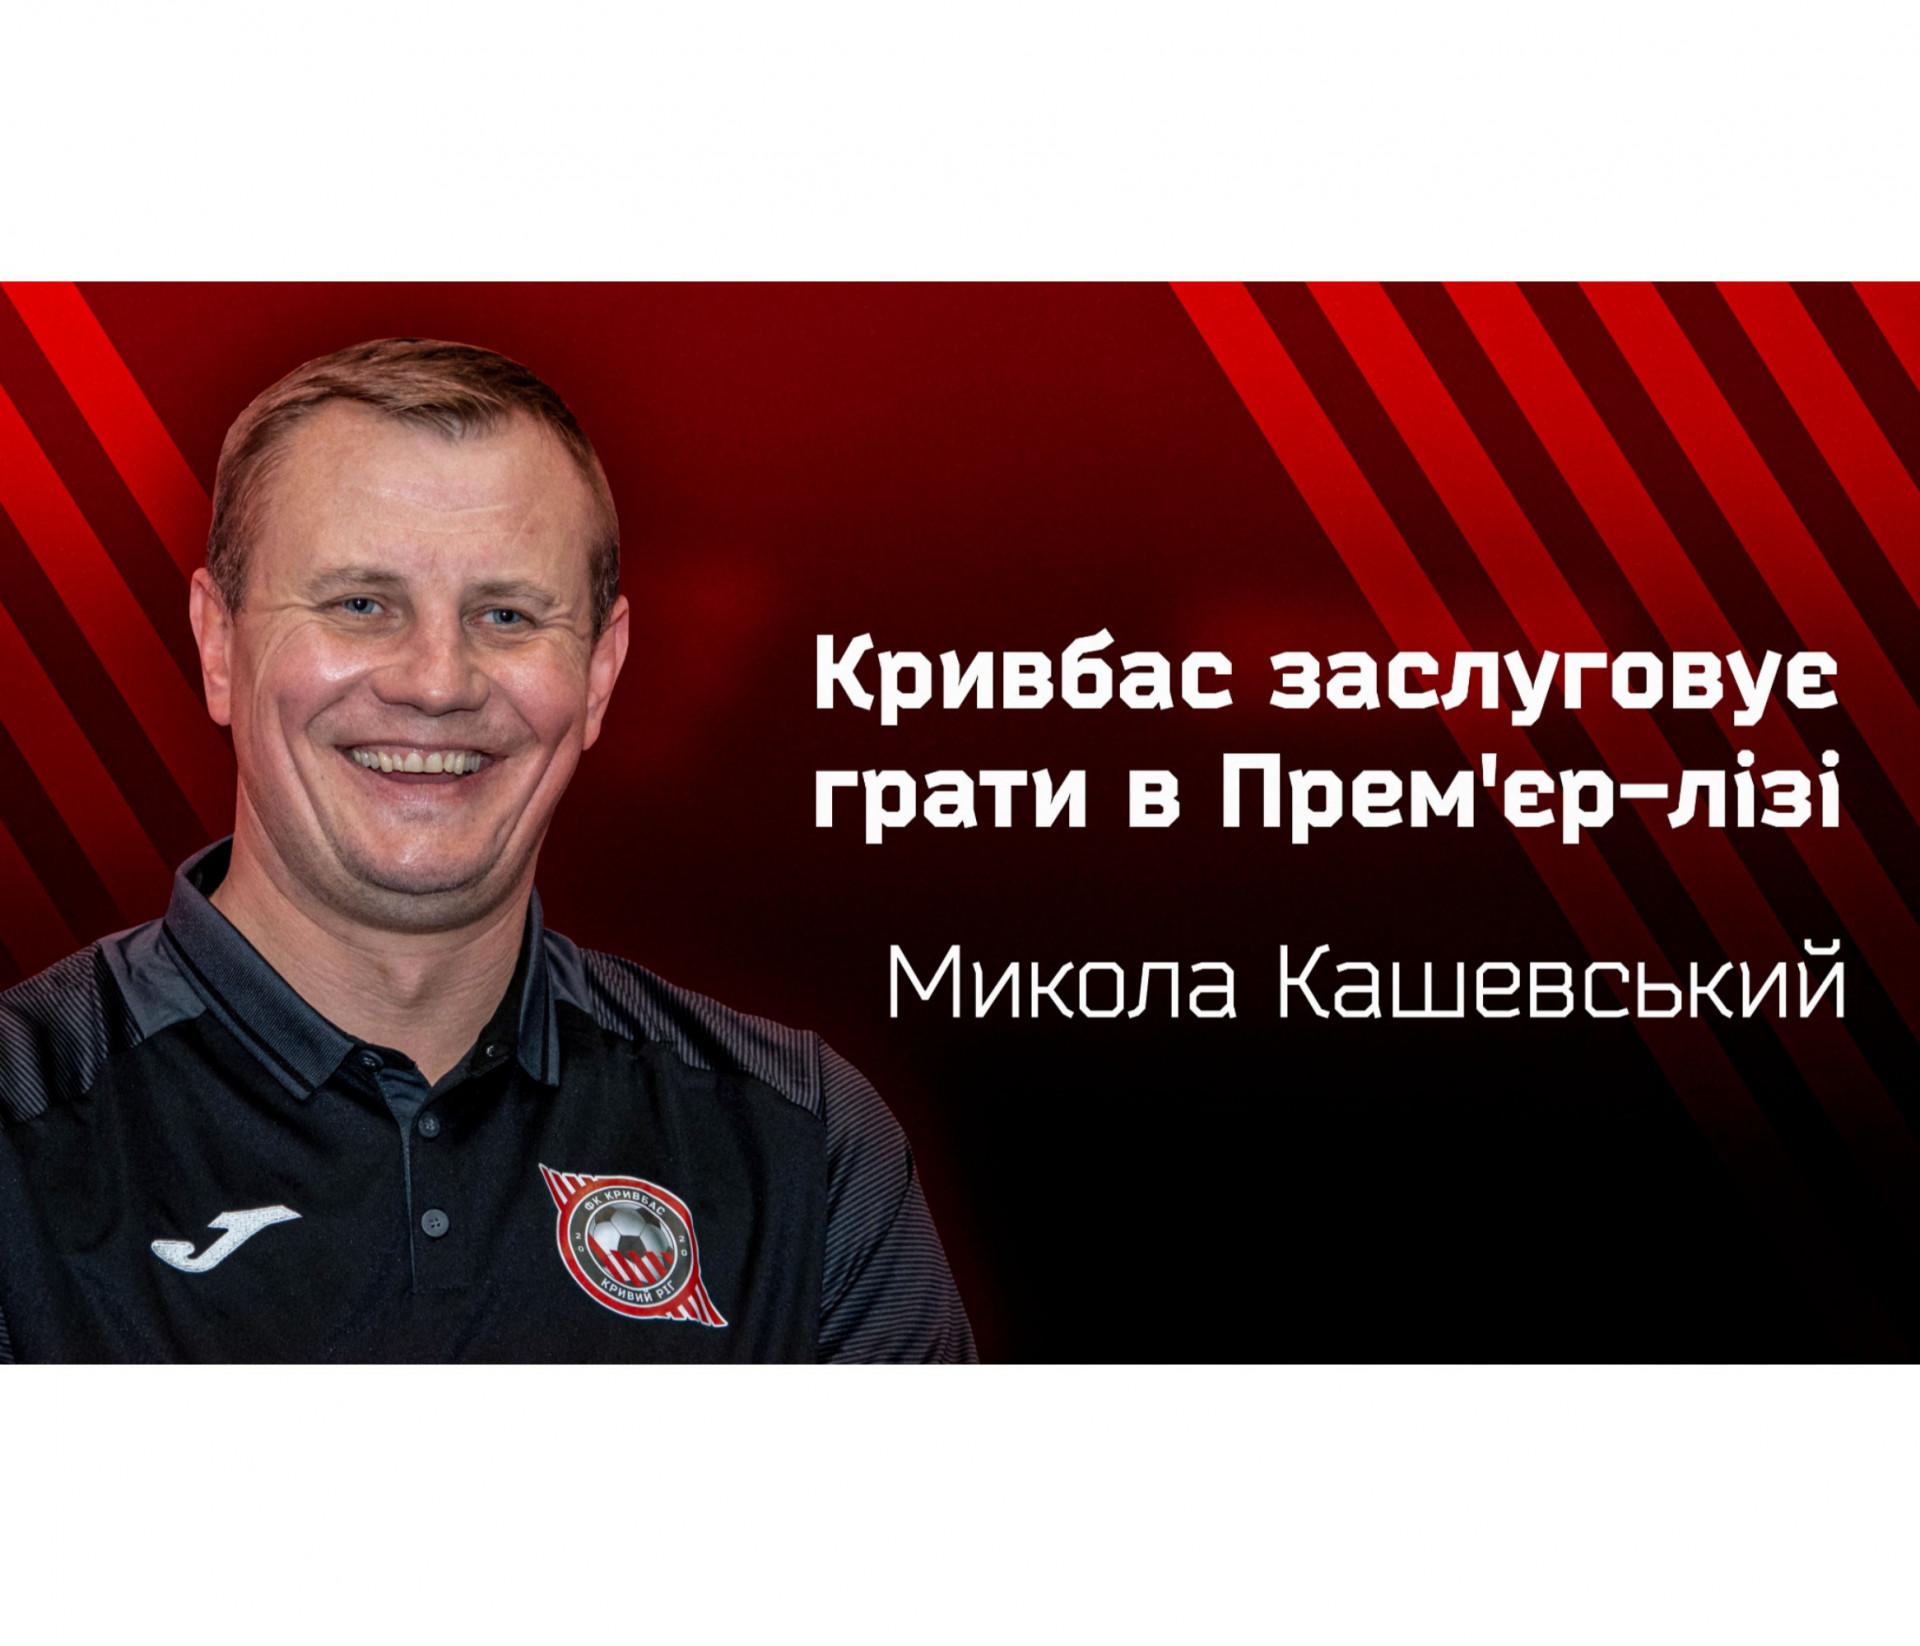 """Микола Кашевський: """"Кривбас"""" заслуговує грати в УПЛ}"""